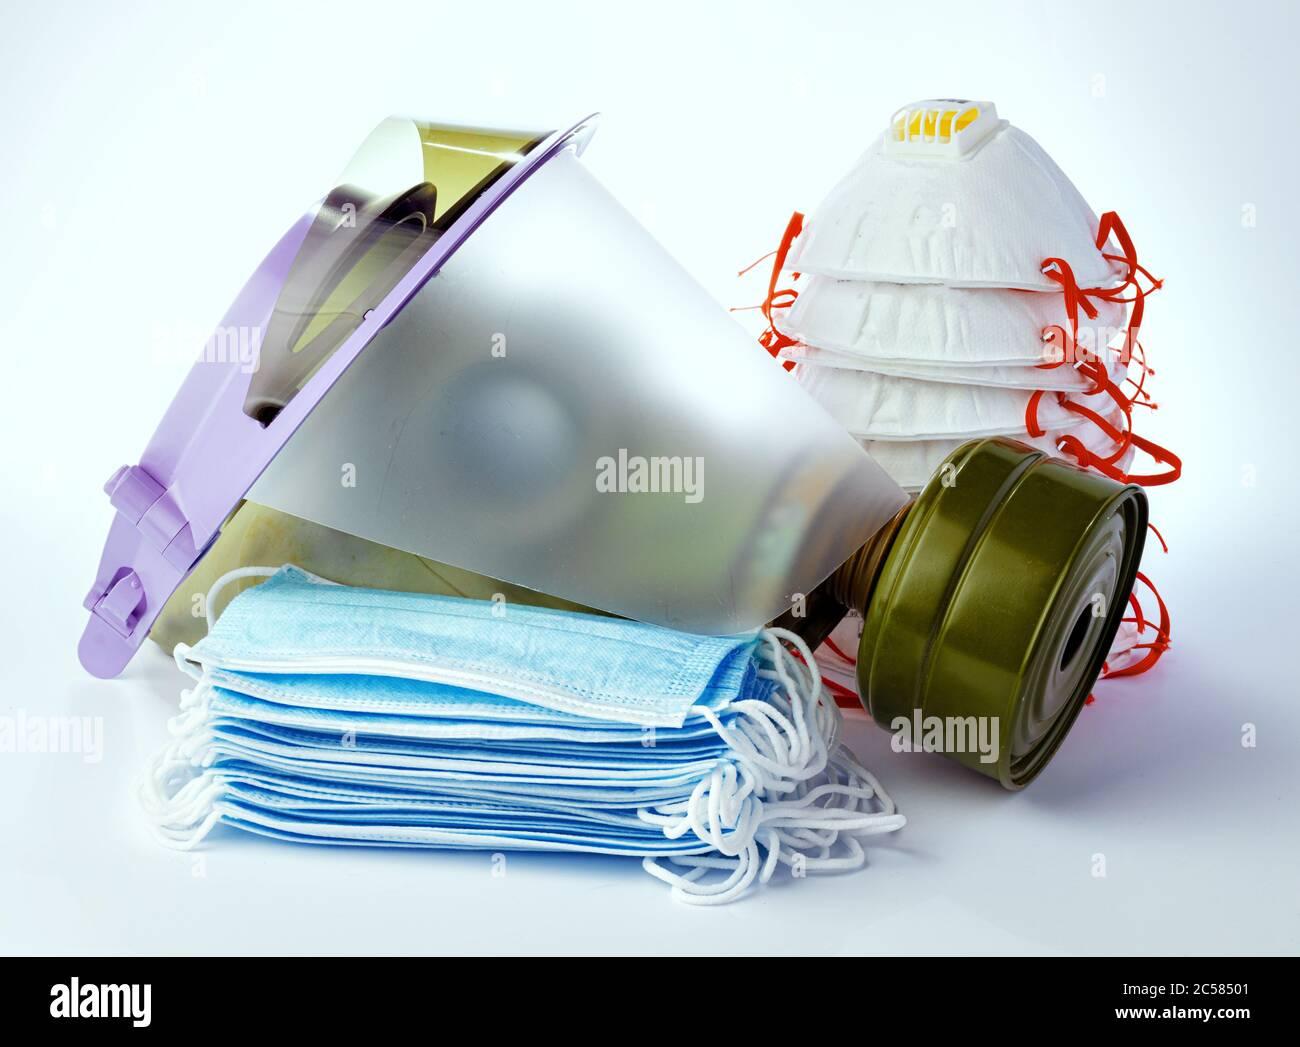 Moyens de protection antivirale, y compris masques sur fond blanc Banque D'Images